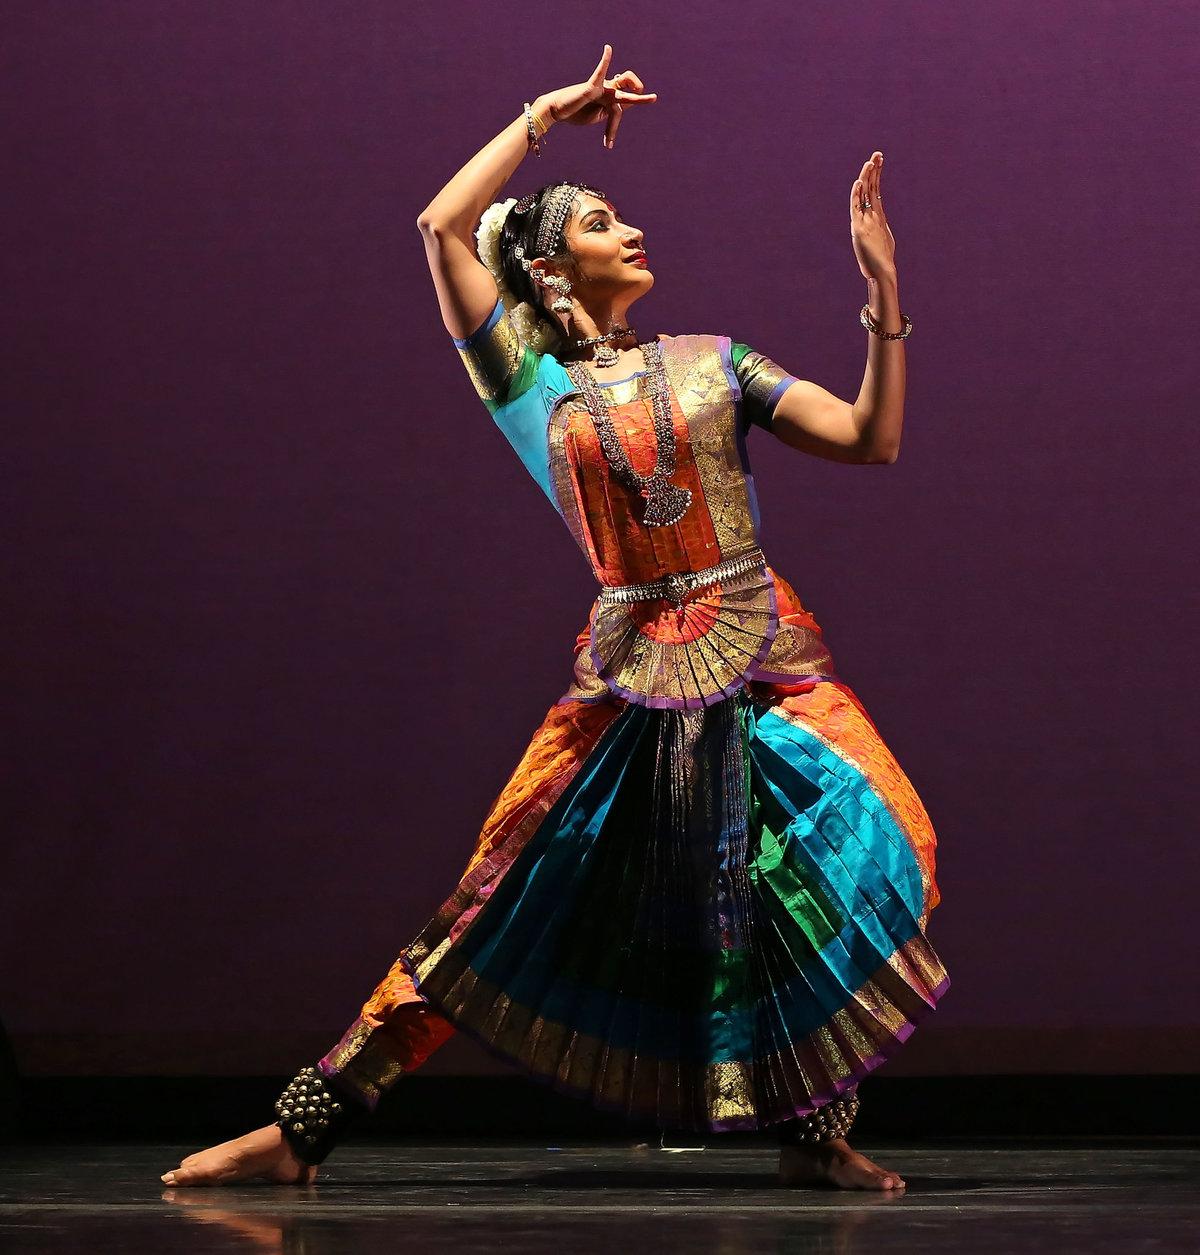 Открытка танцовщица в прозе индийского классического танца бхаратанатьям цена, очень